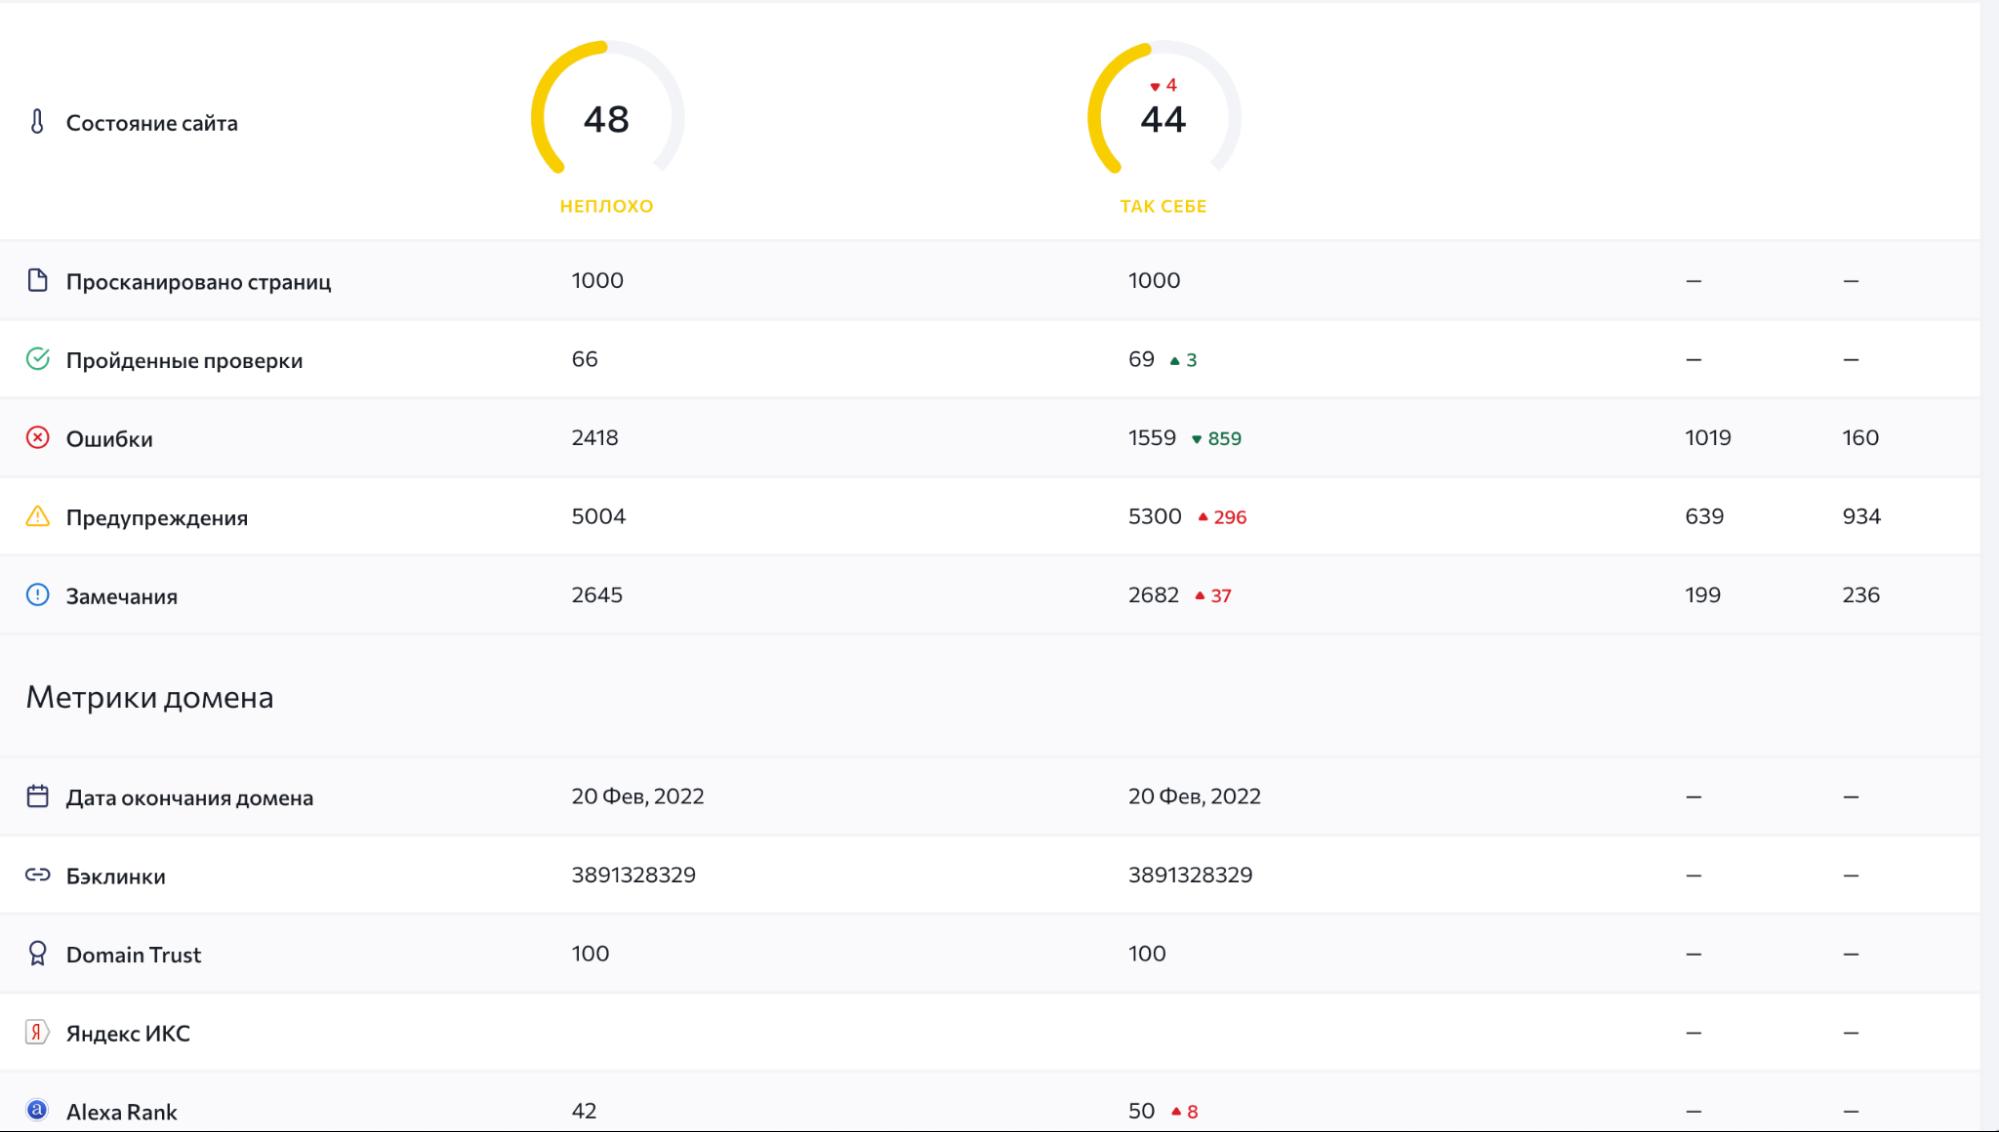 Раздел «Сравнение отчетов» в SE Ranking